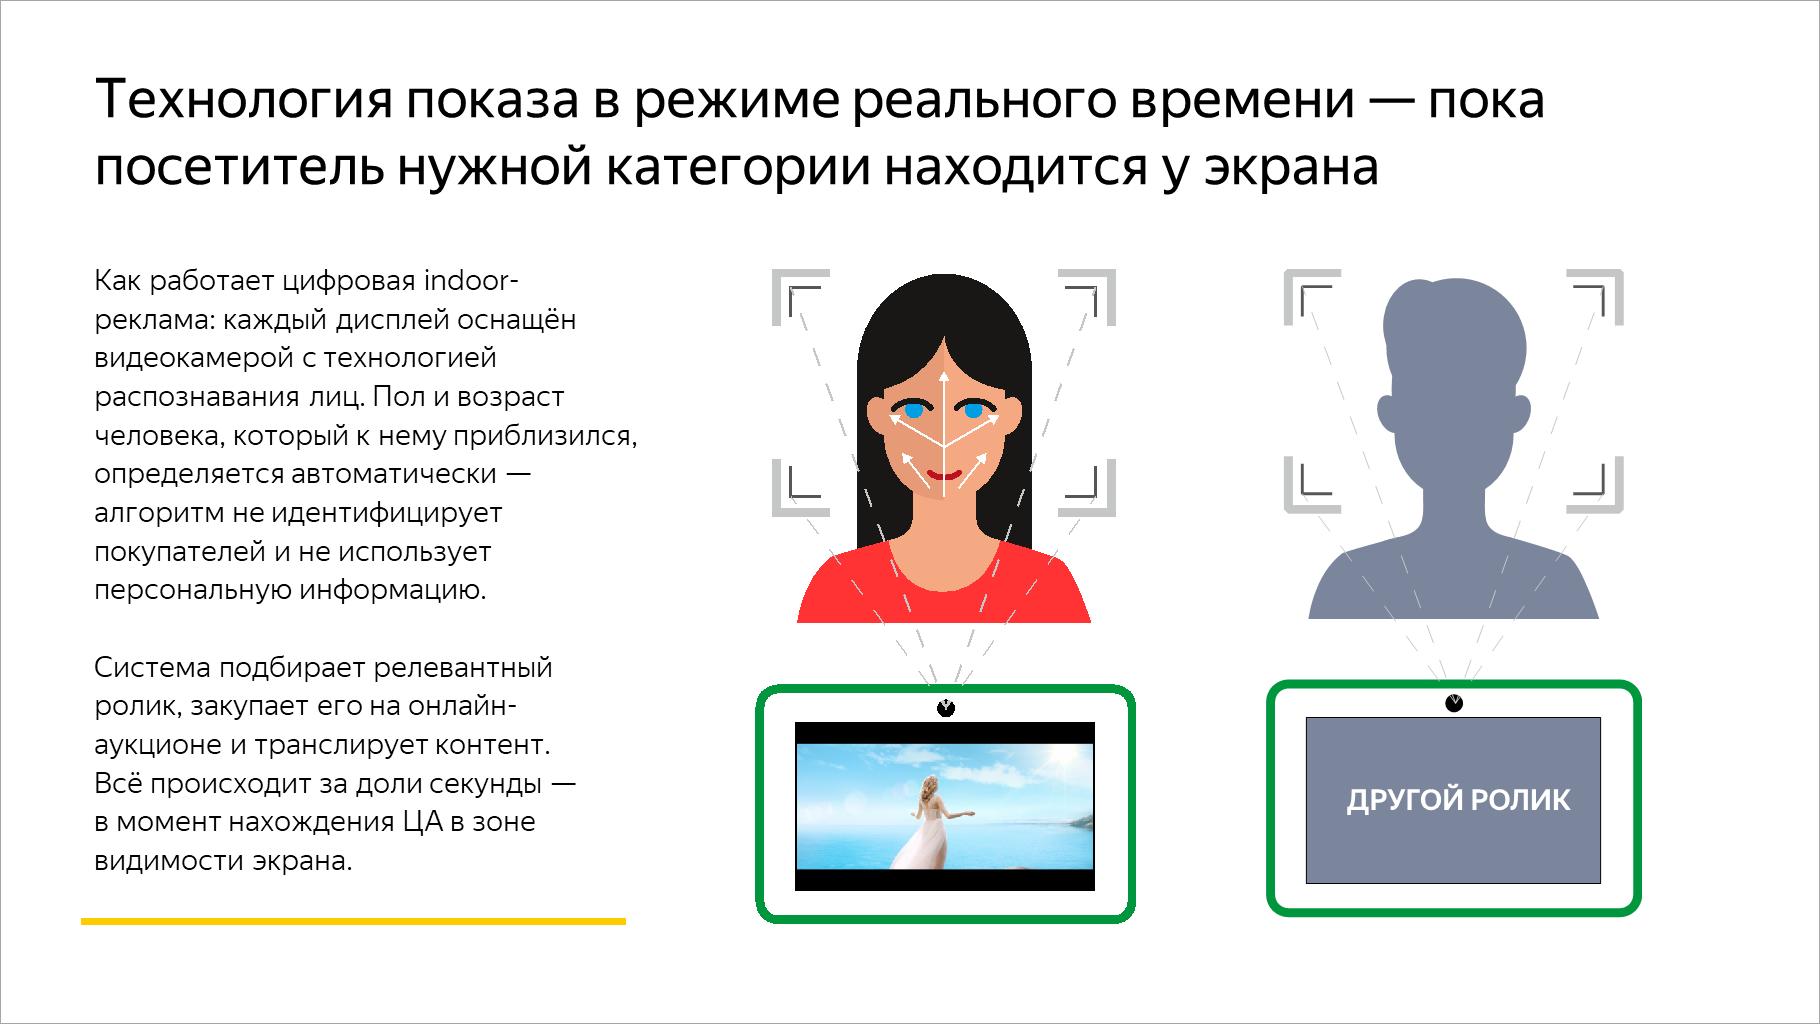 Технология показа в режиме реального времени — пока посетитель нужной категории находится у экрана